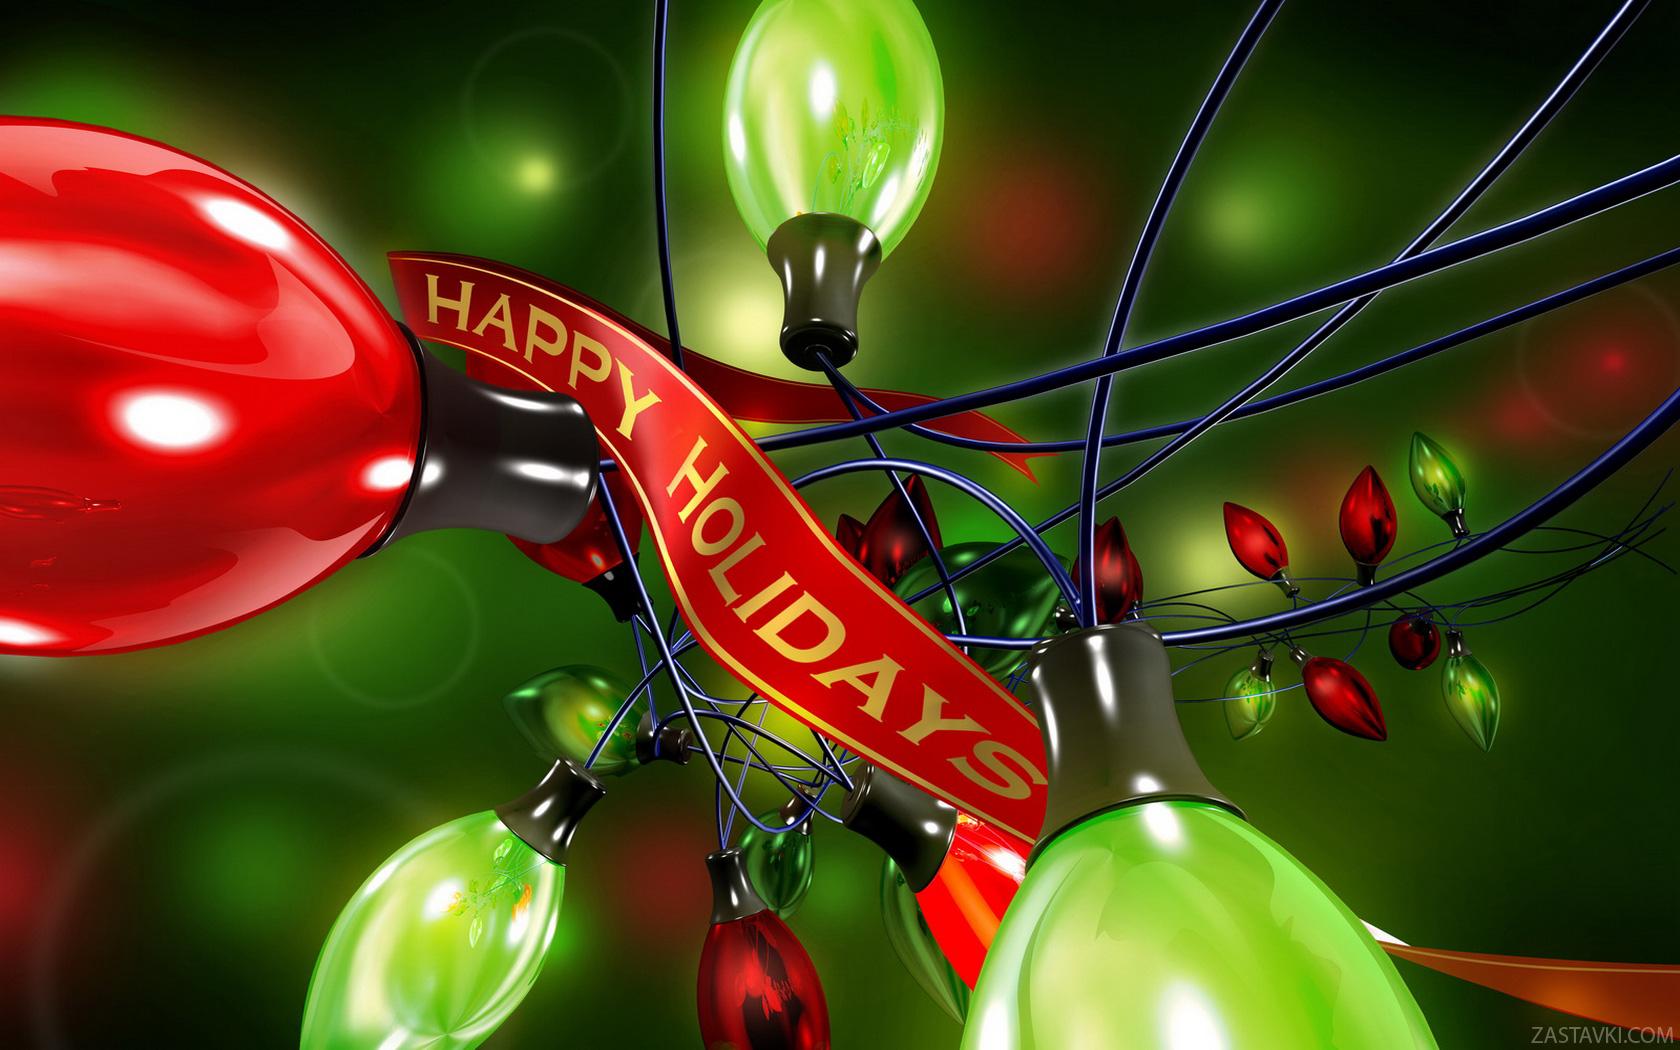 Новогодние огни - C Новым годом  2019 поздравительные картинки